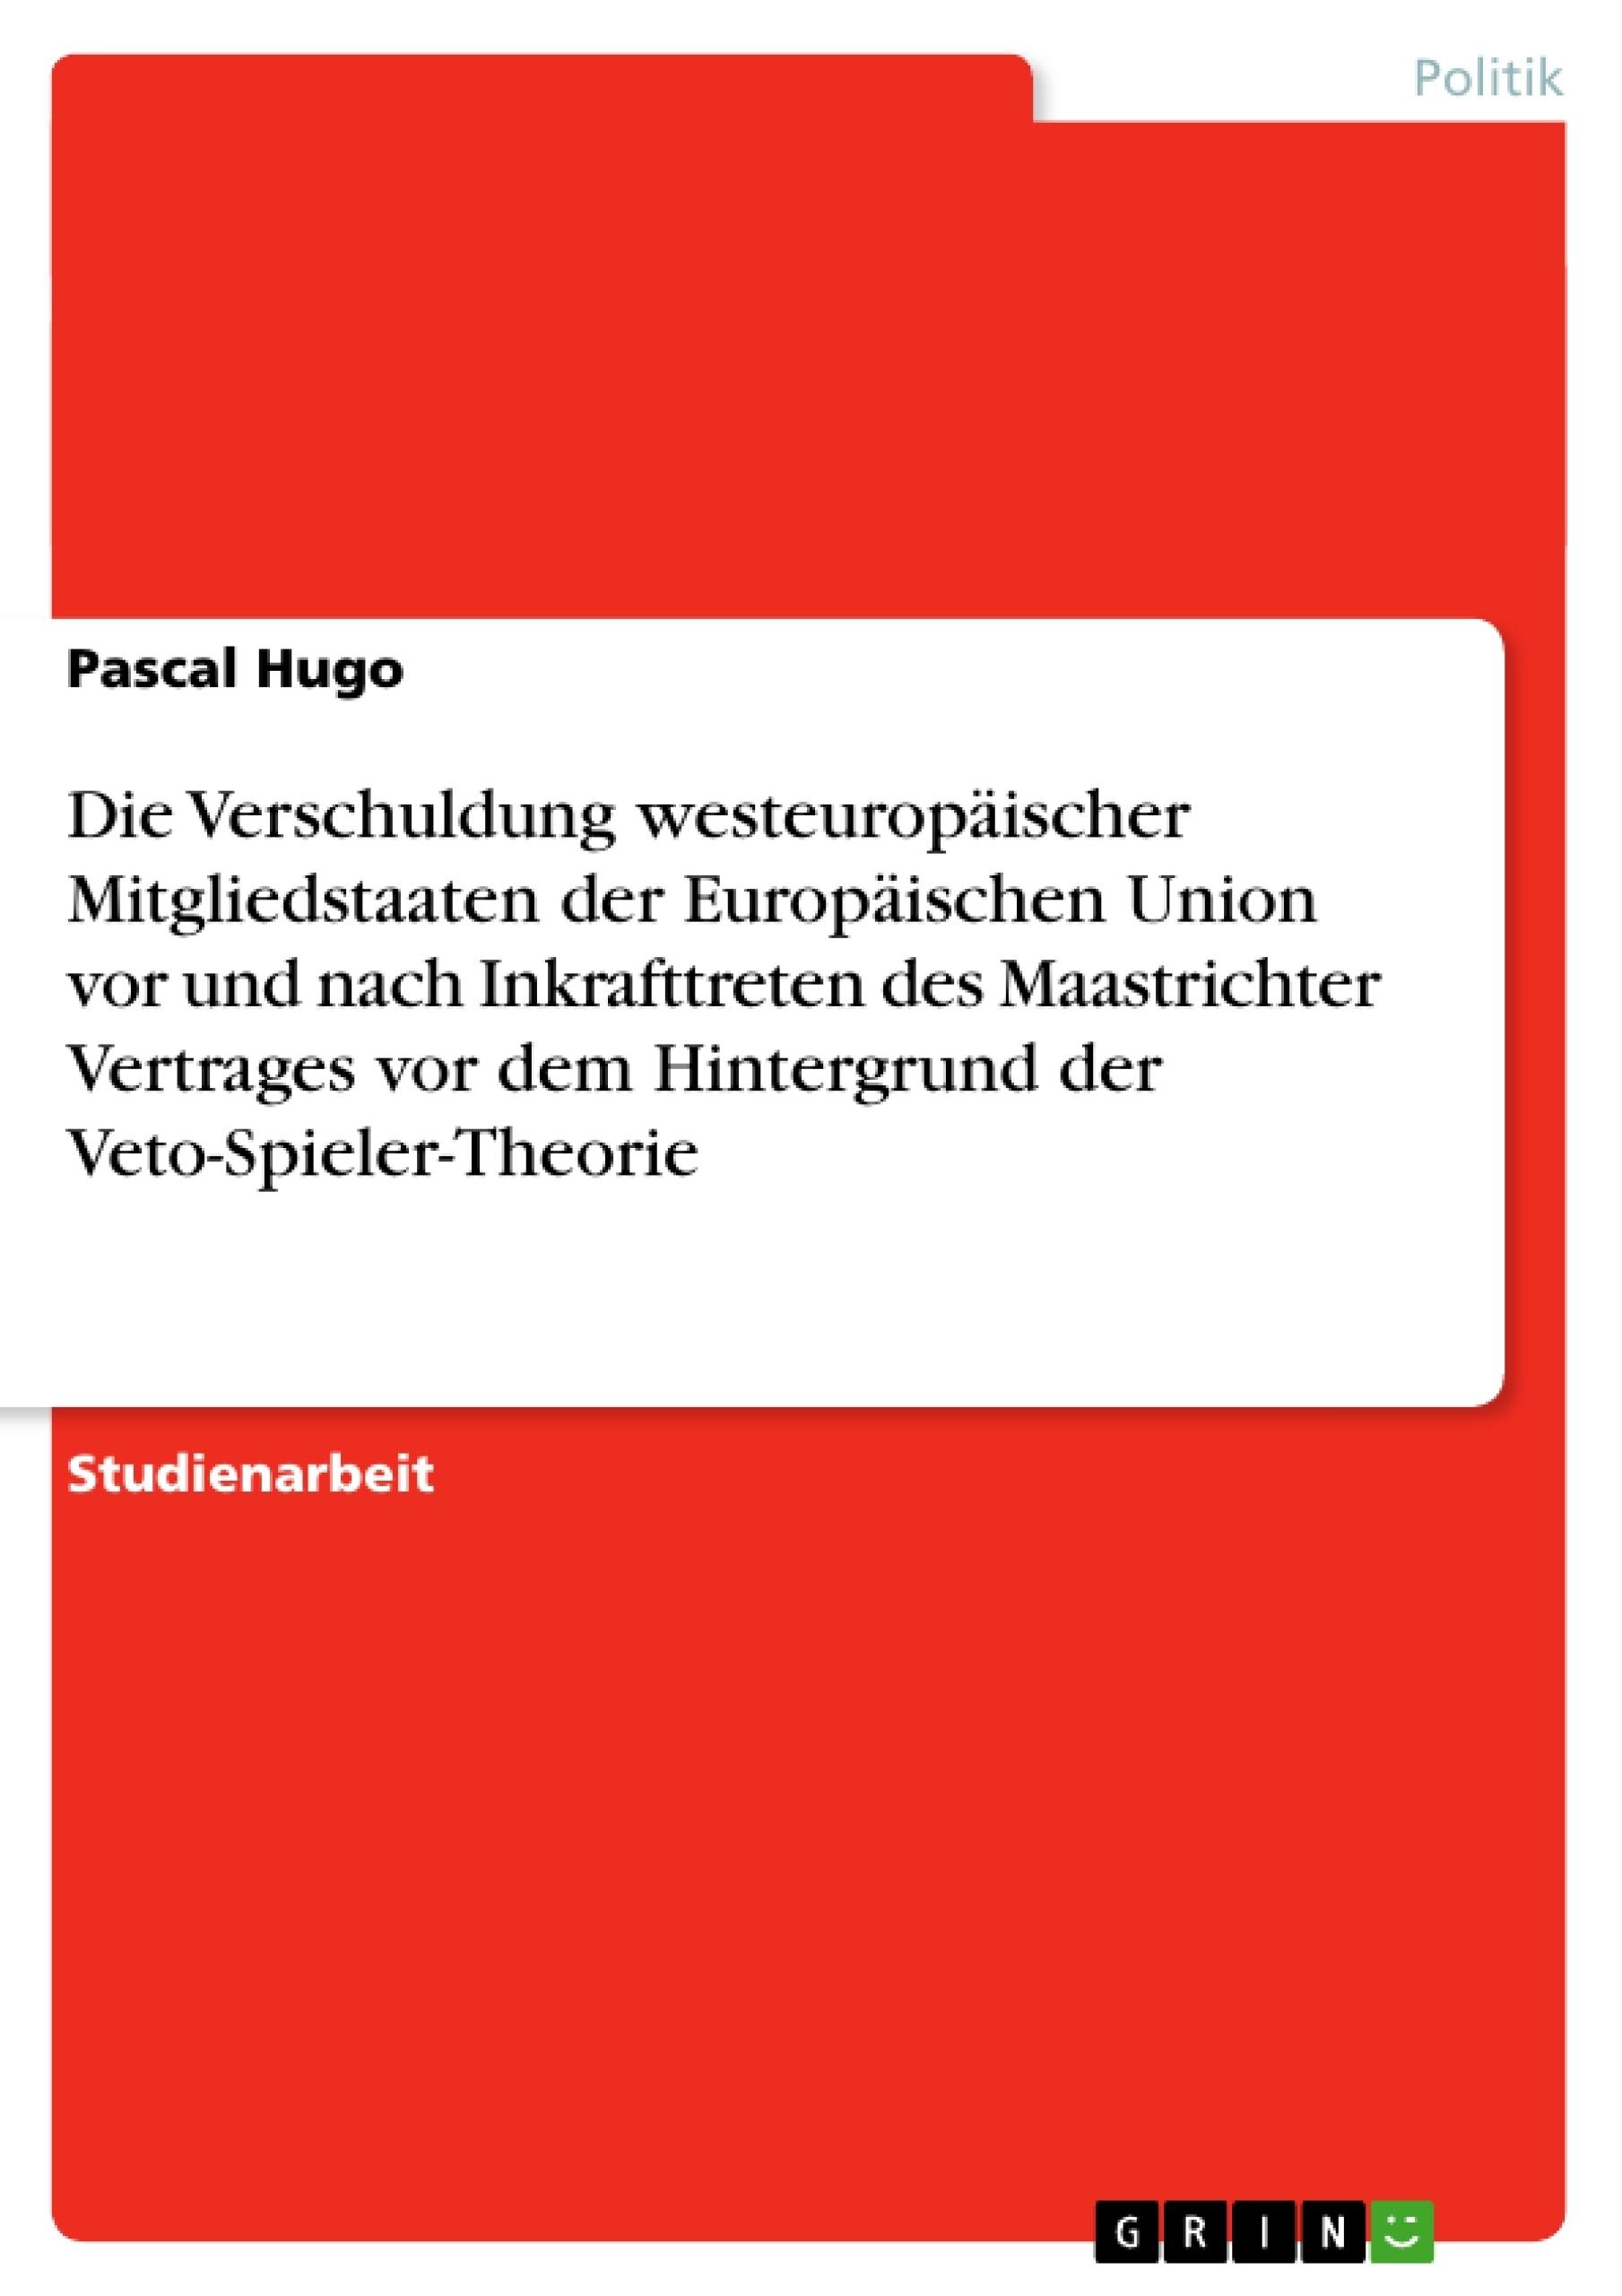 Titel: Die Verschuldung westeuropäischer Mitgliedstaaten der Europäischen Union vor und nach Inkrafttreten des Maastrichter Vertrages vor dem Hintergrund der Veto-Spieler-Theorie